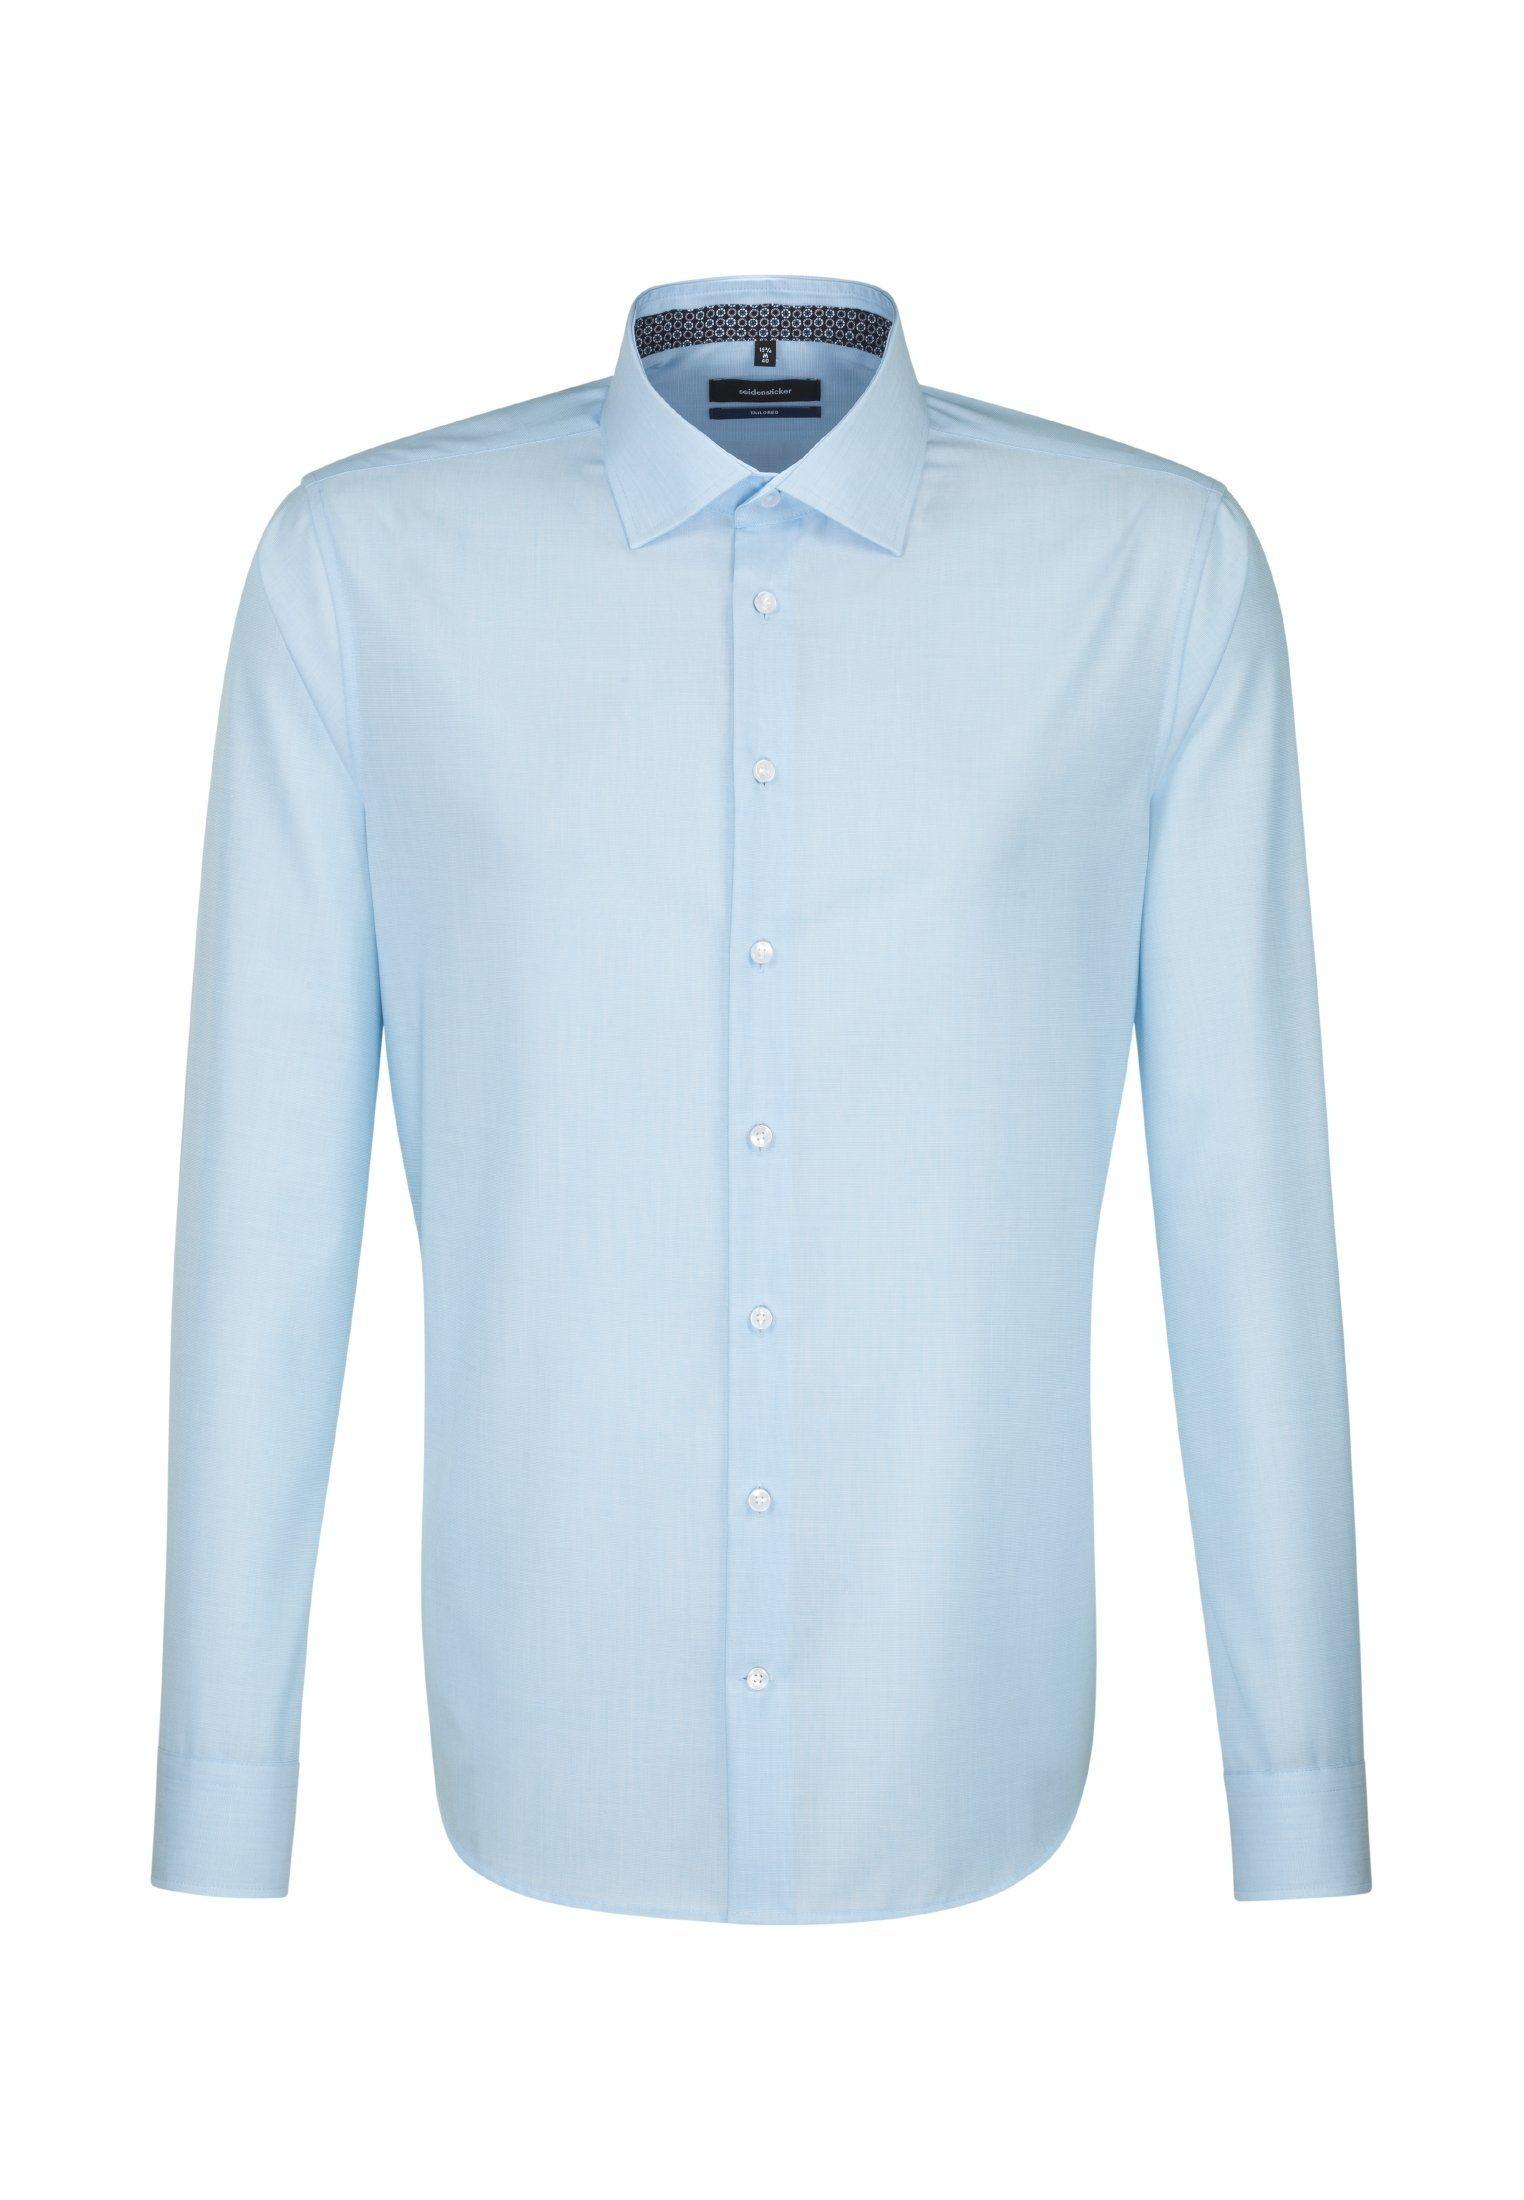 seidensticker Businesshemd Tailored | Bekleidung > Hemden > Business Hemden | Bunt | Seidensticker